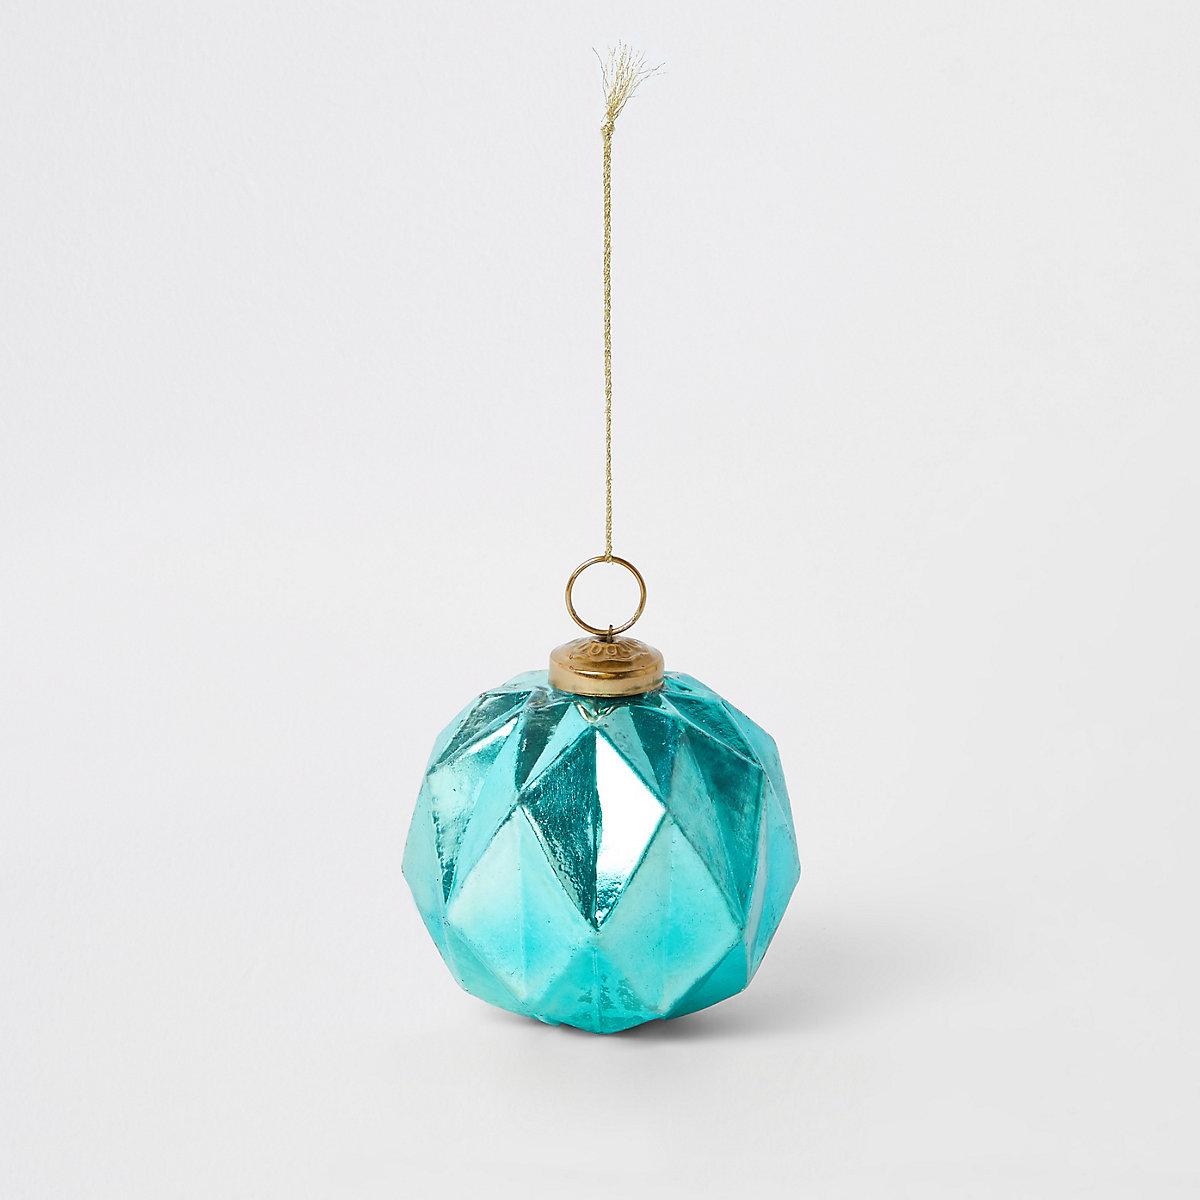 Turquoise hexagonal bauble